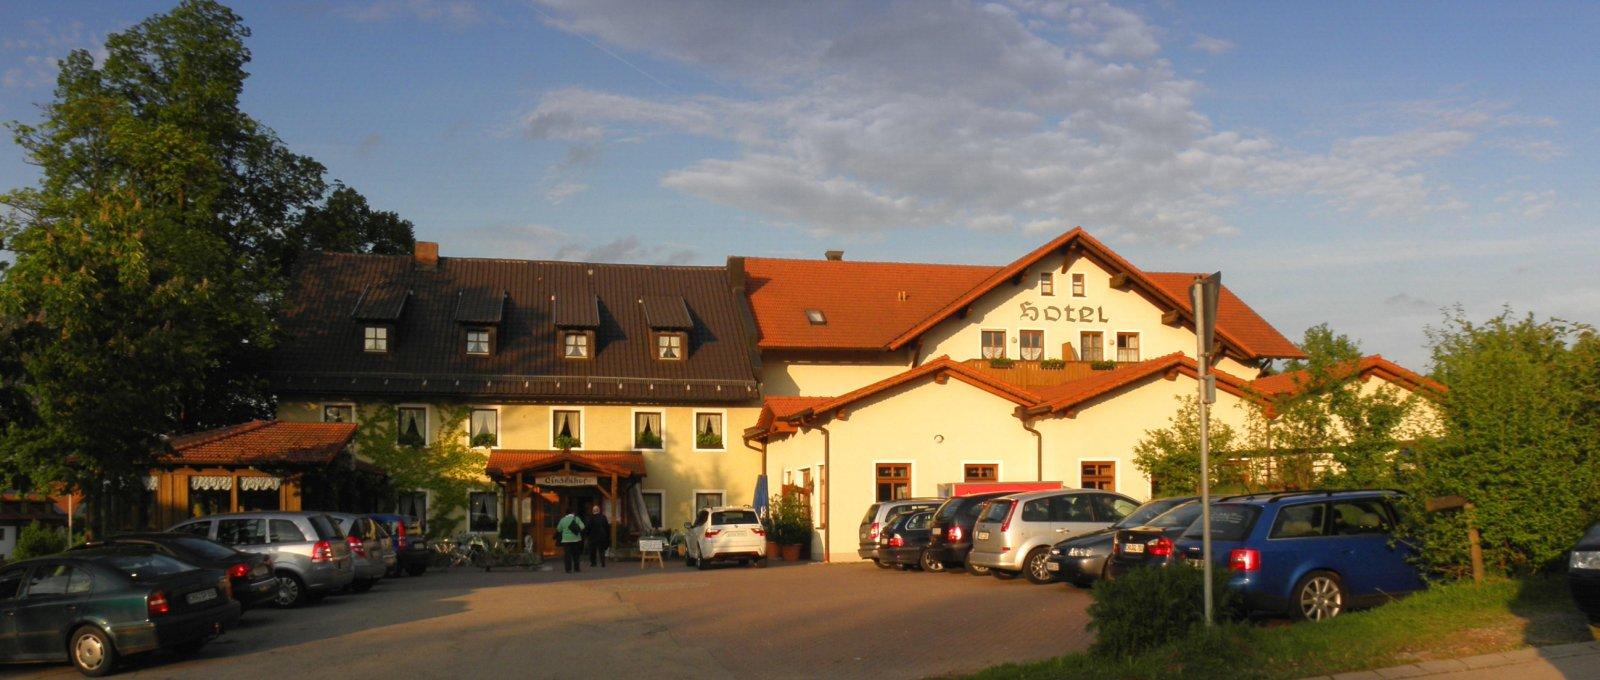 Hotel Gasthof Lindenhof nahe der Stadt Regensburg